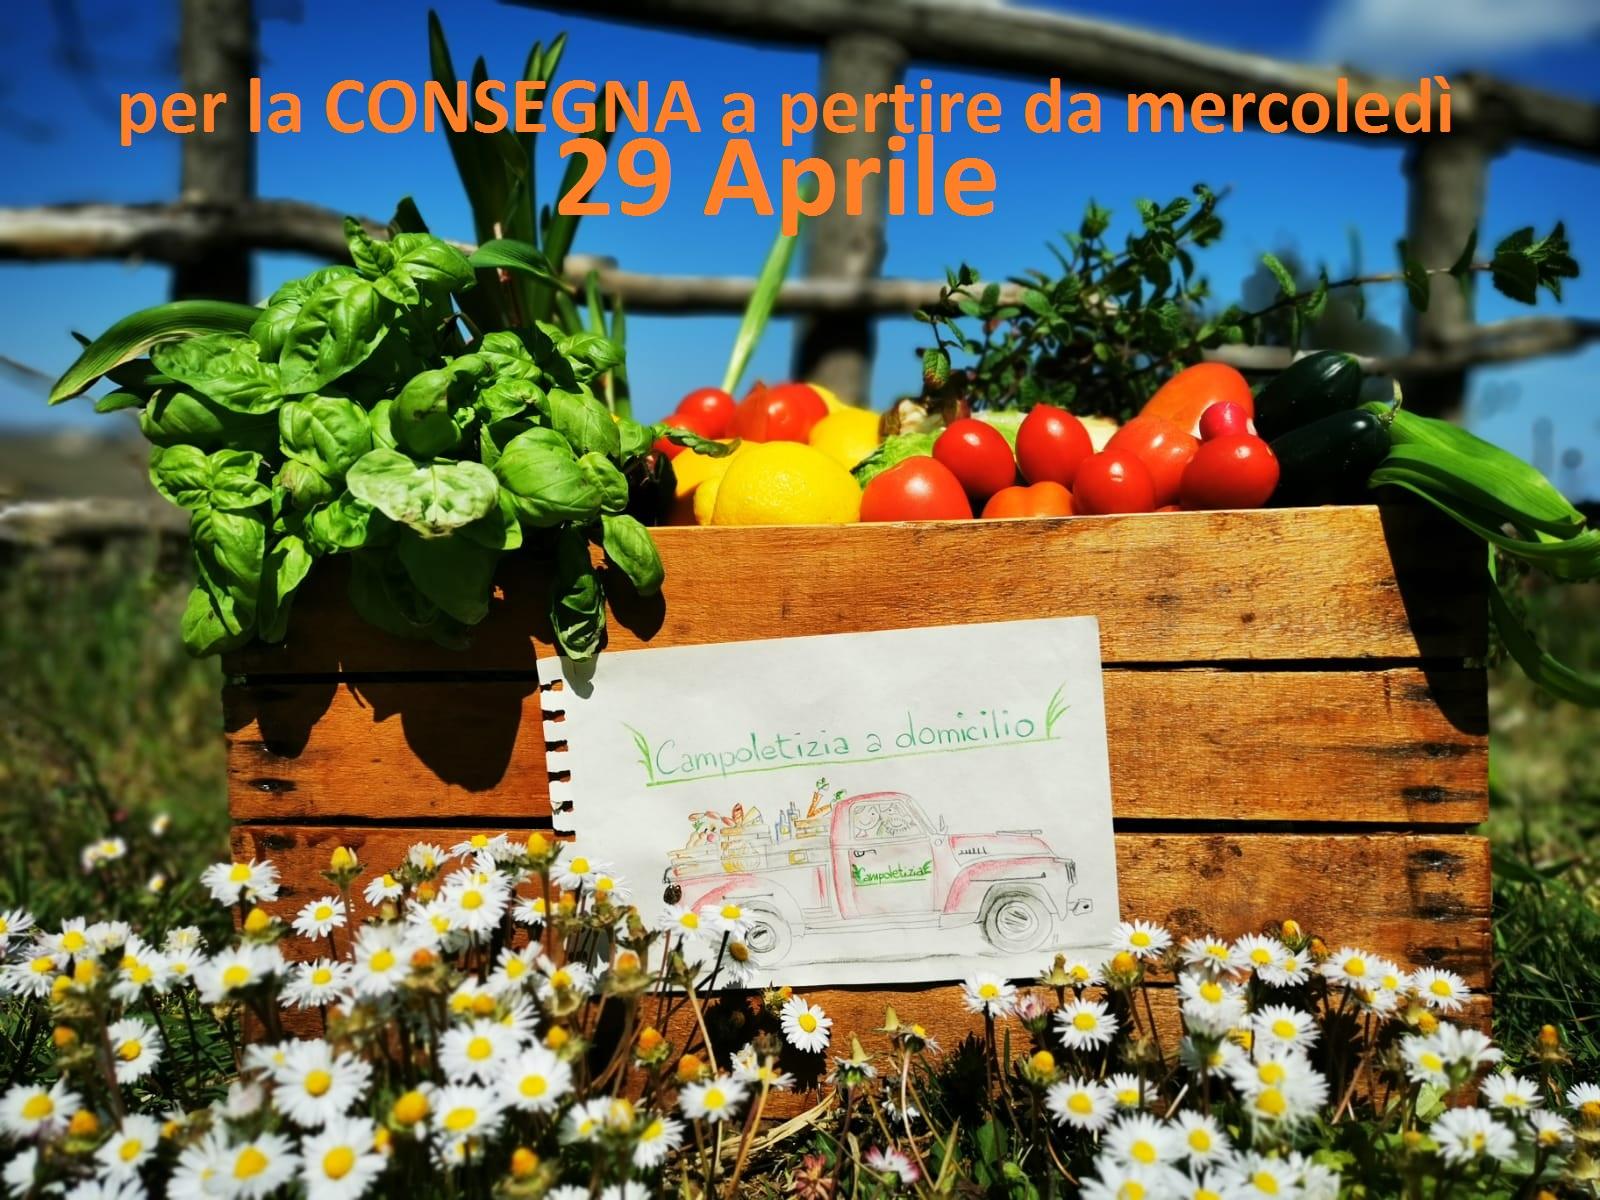 (Italiano) Consegna a domicilio dal 29 Aprile